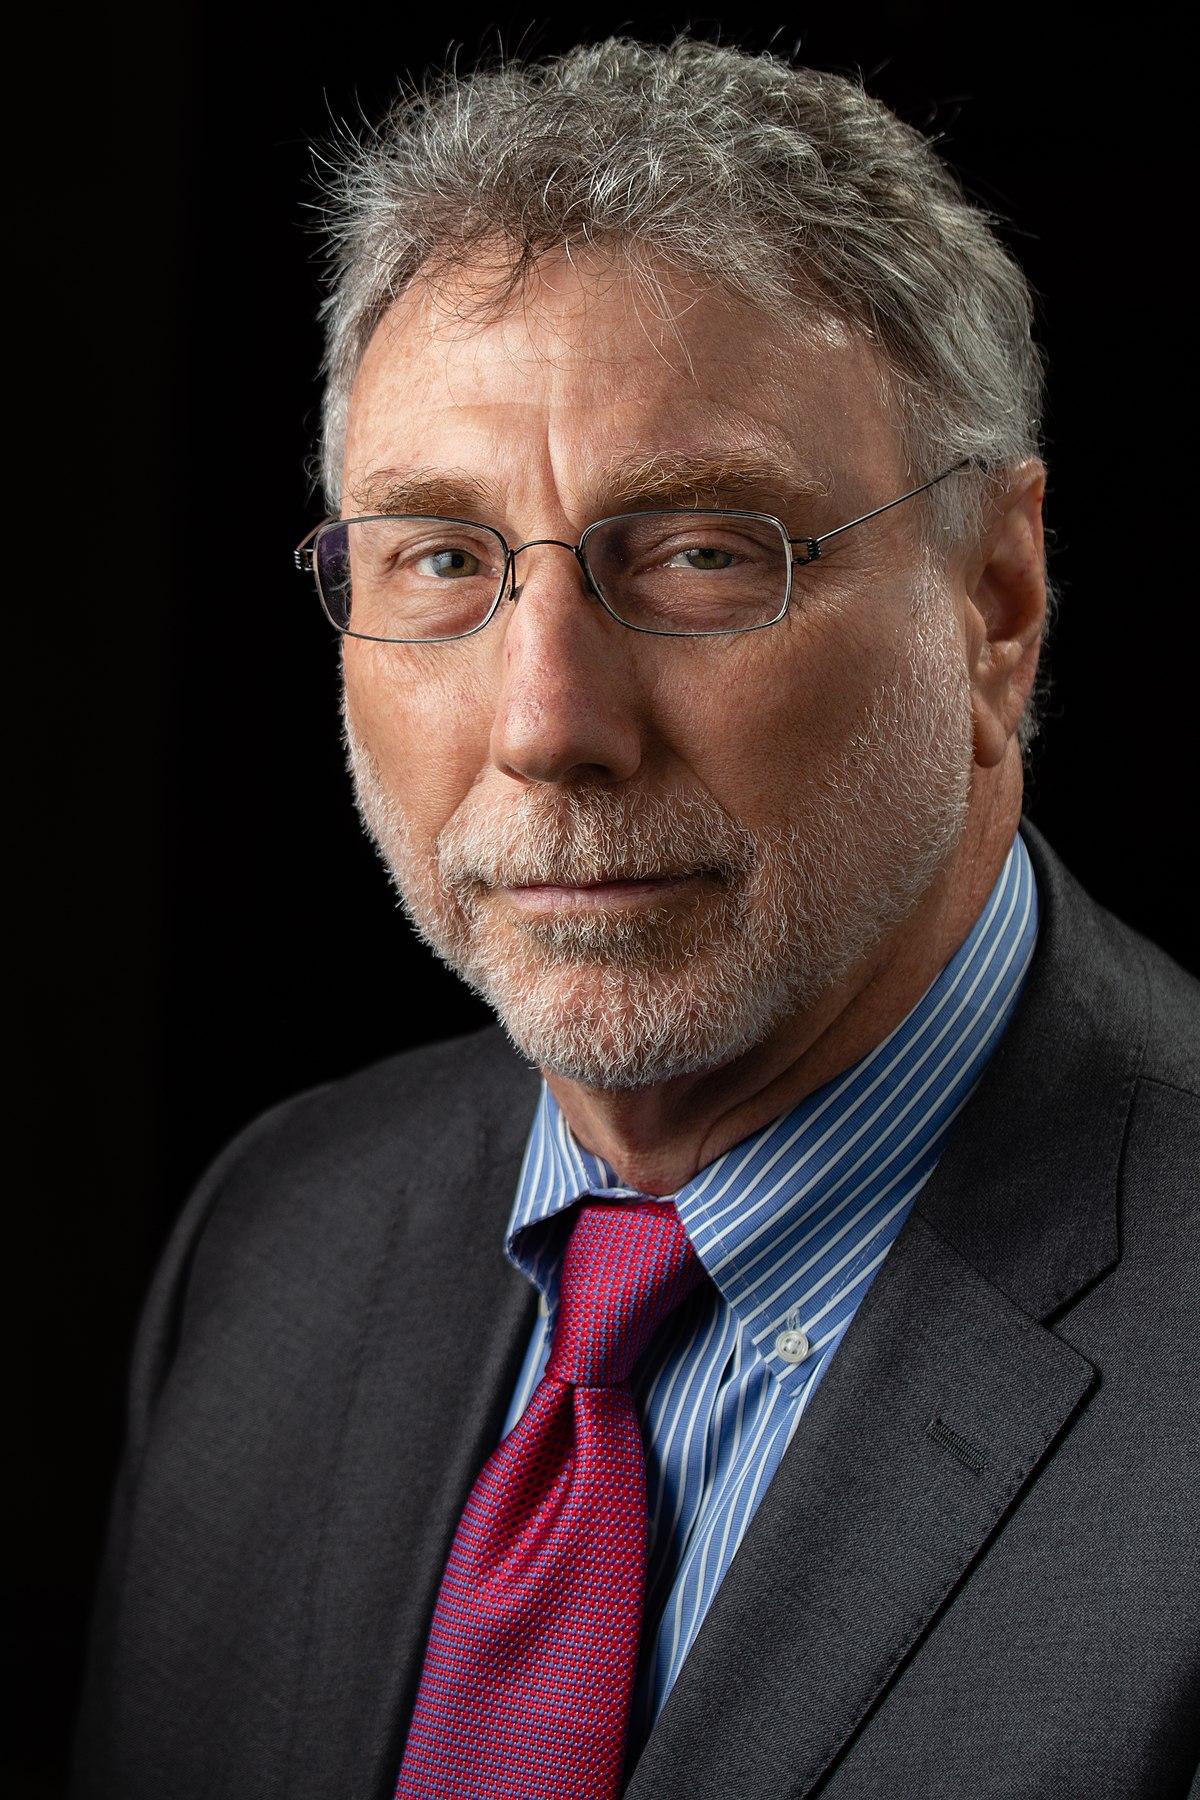 Martin Baron